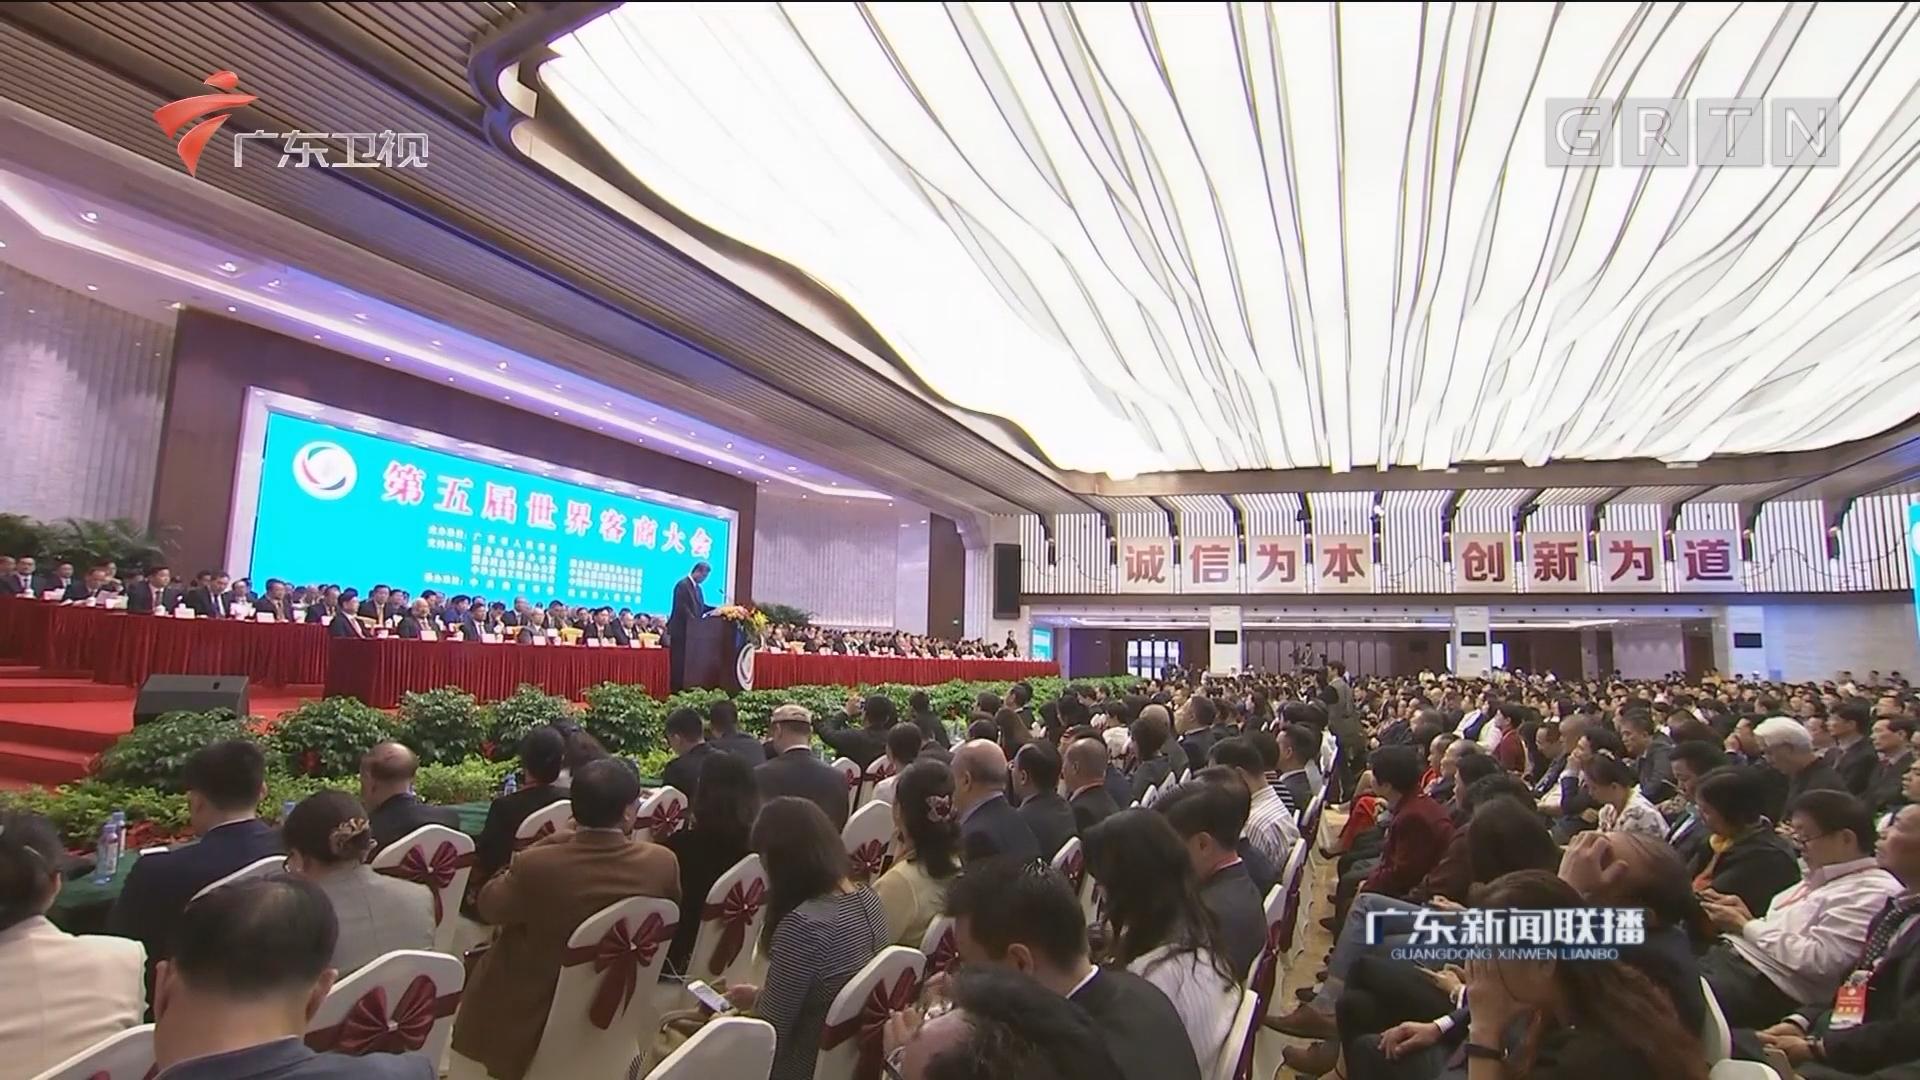 开放促发展·创新赢未来 第五届世界客商大会在梅州开幕